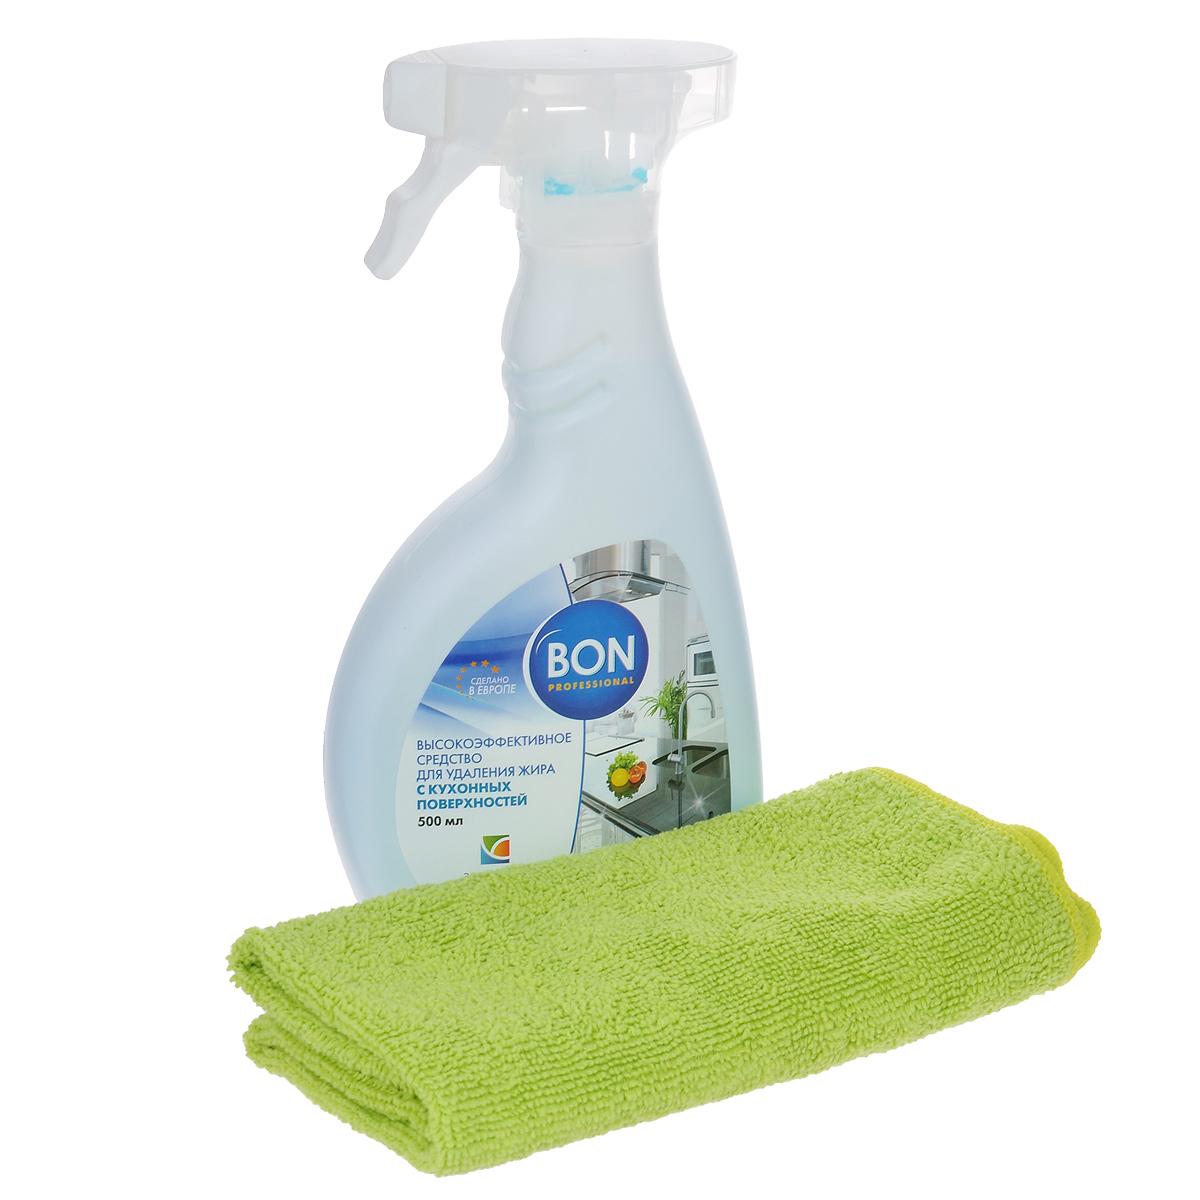 Набор для ухода за кухонными поверхностями Bon, 2 предметаBN-21061Набор для ухода за кухонными поверхностями Bon состоит из средства для удаления жира с распылителем и салфетки из микрофибры. Средство эффективно удаляет жировые отложения со всех типов поверхностей на кухне. Обеспечивает антибактериальный эффект, уничтожая микроорганизмы и бактерии. Создает на кухне идеальные гигиенические условия. Не оставляет никаких следов на очищаемой поверхности. Безопасно для окружающей среды, биологически перерабатывается более чем на 90%. Без запаха. Салфетка из микрофибры предназначена для очистки поверхностей кухни от любых видов загрязнений, для полировки и придания блеска. Идеально подходит для использования со средствами Bon для ухода за кухонными поверхностями. Не оставляет разводов и ворсинок. Обладает повышенной прочностью. В одном наборе Bon есть все необходимое для качественного ухода за кухонными поверхностями. Состав средства: вода, ...